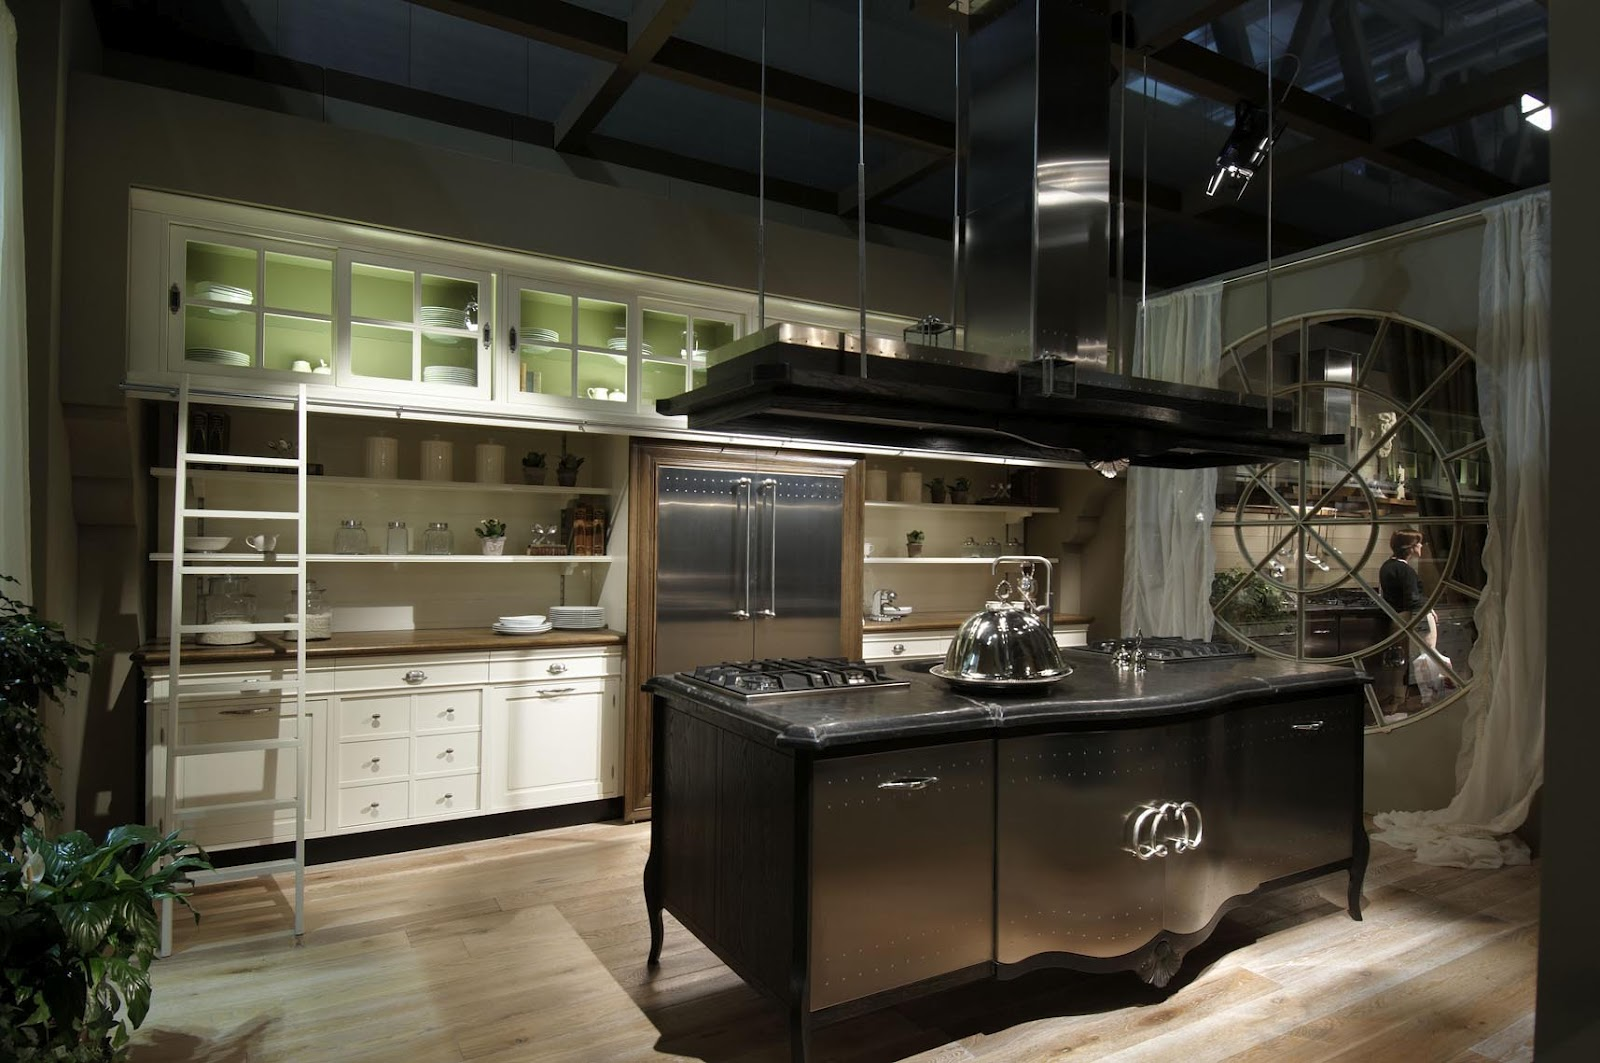 Pin marchi group cucine disegnate e costruite in italia on - Cucine marchi group ...